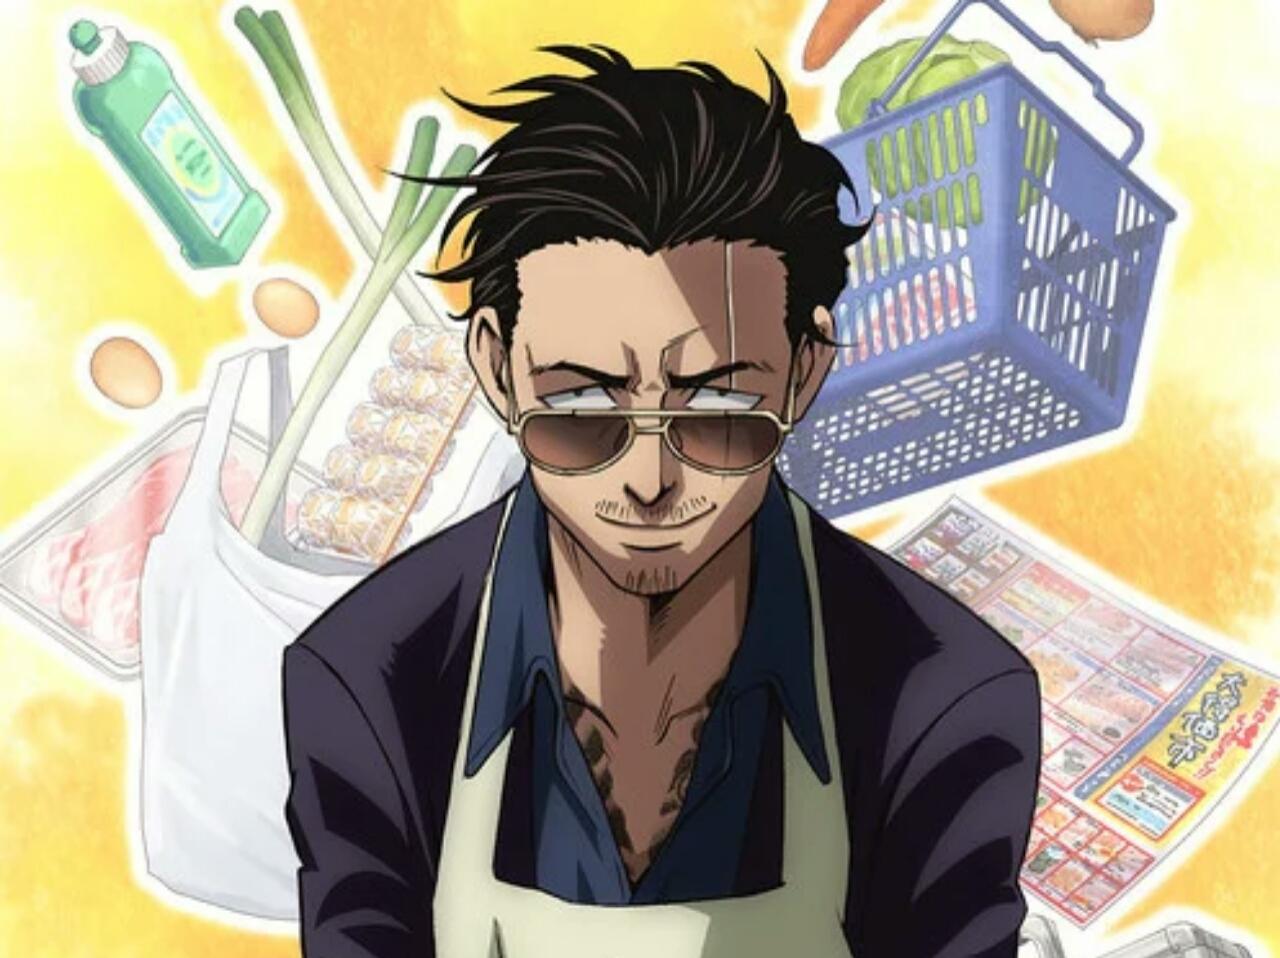 Manga The Way of the Househusband Dapatkan Seri Anime untuk Tahun 2021 yang Dibintangi oleh Kenjiro Tsuda 1